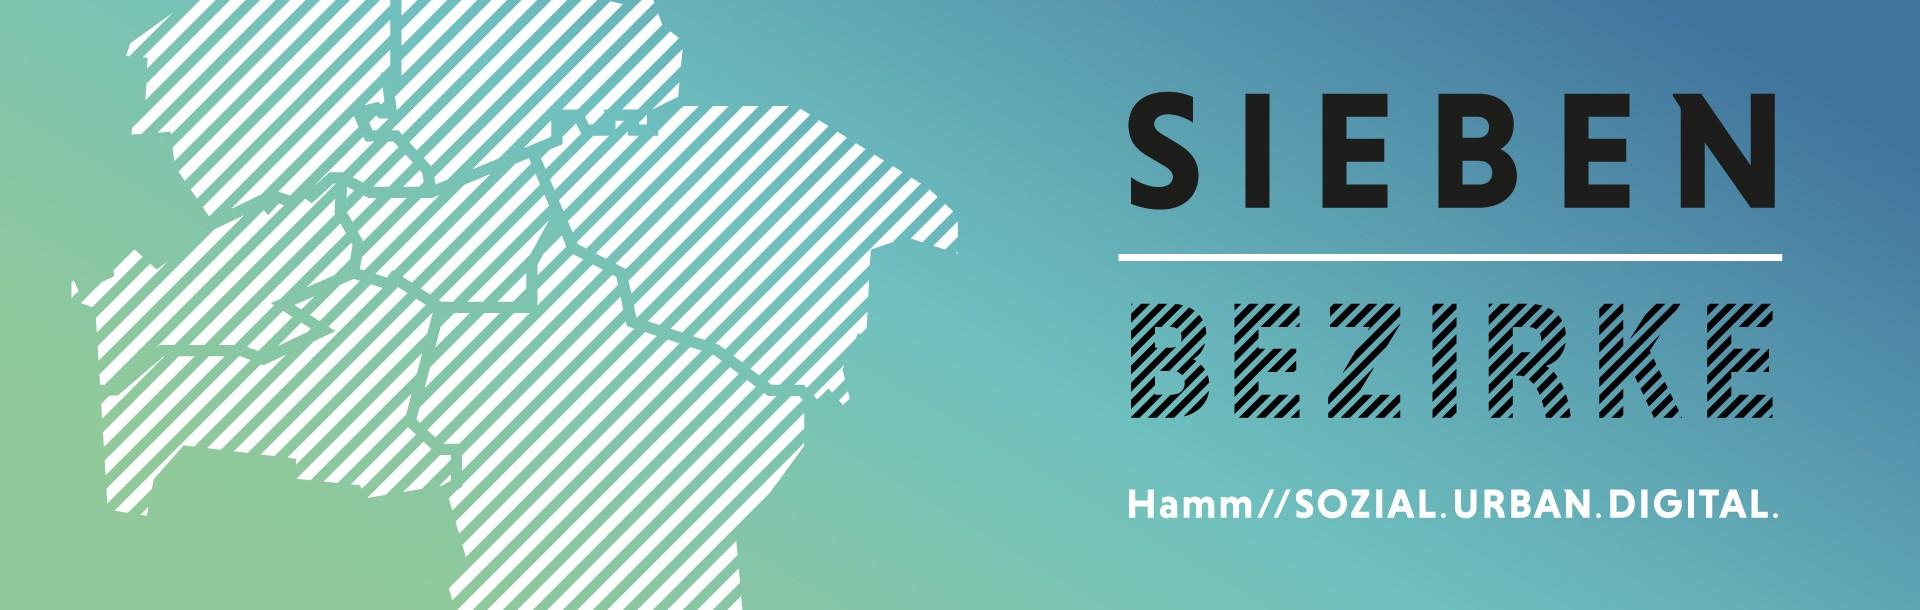 Sieben Bezirke Hamm